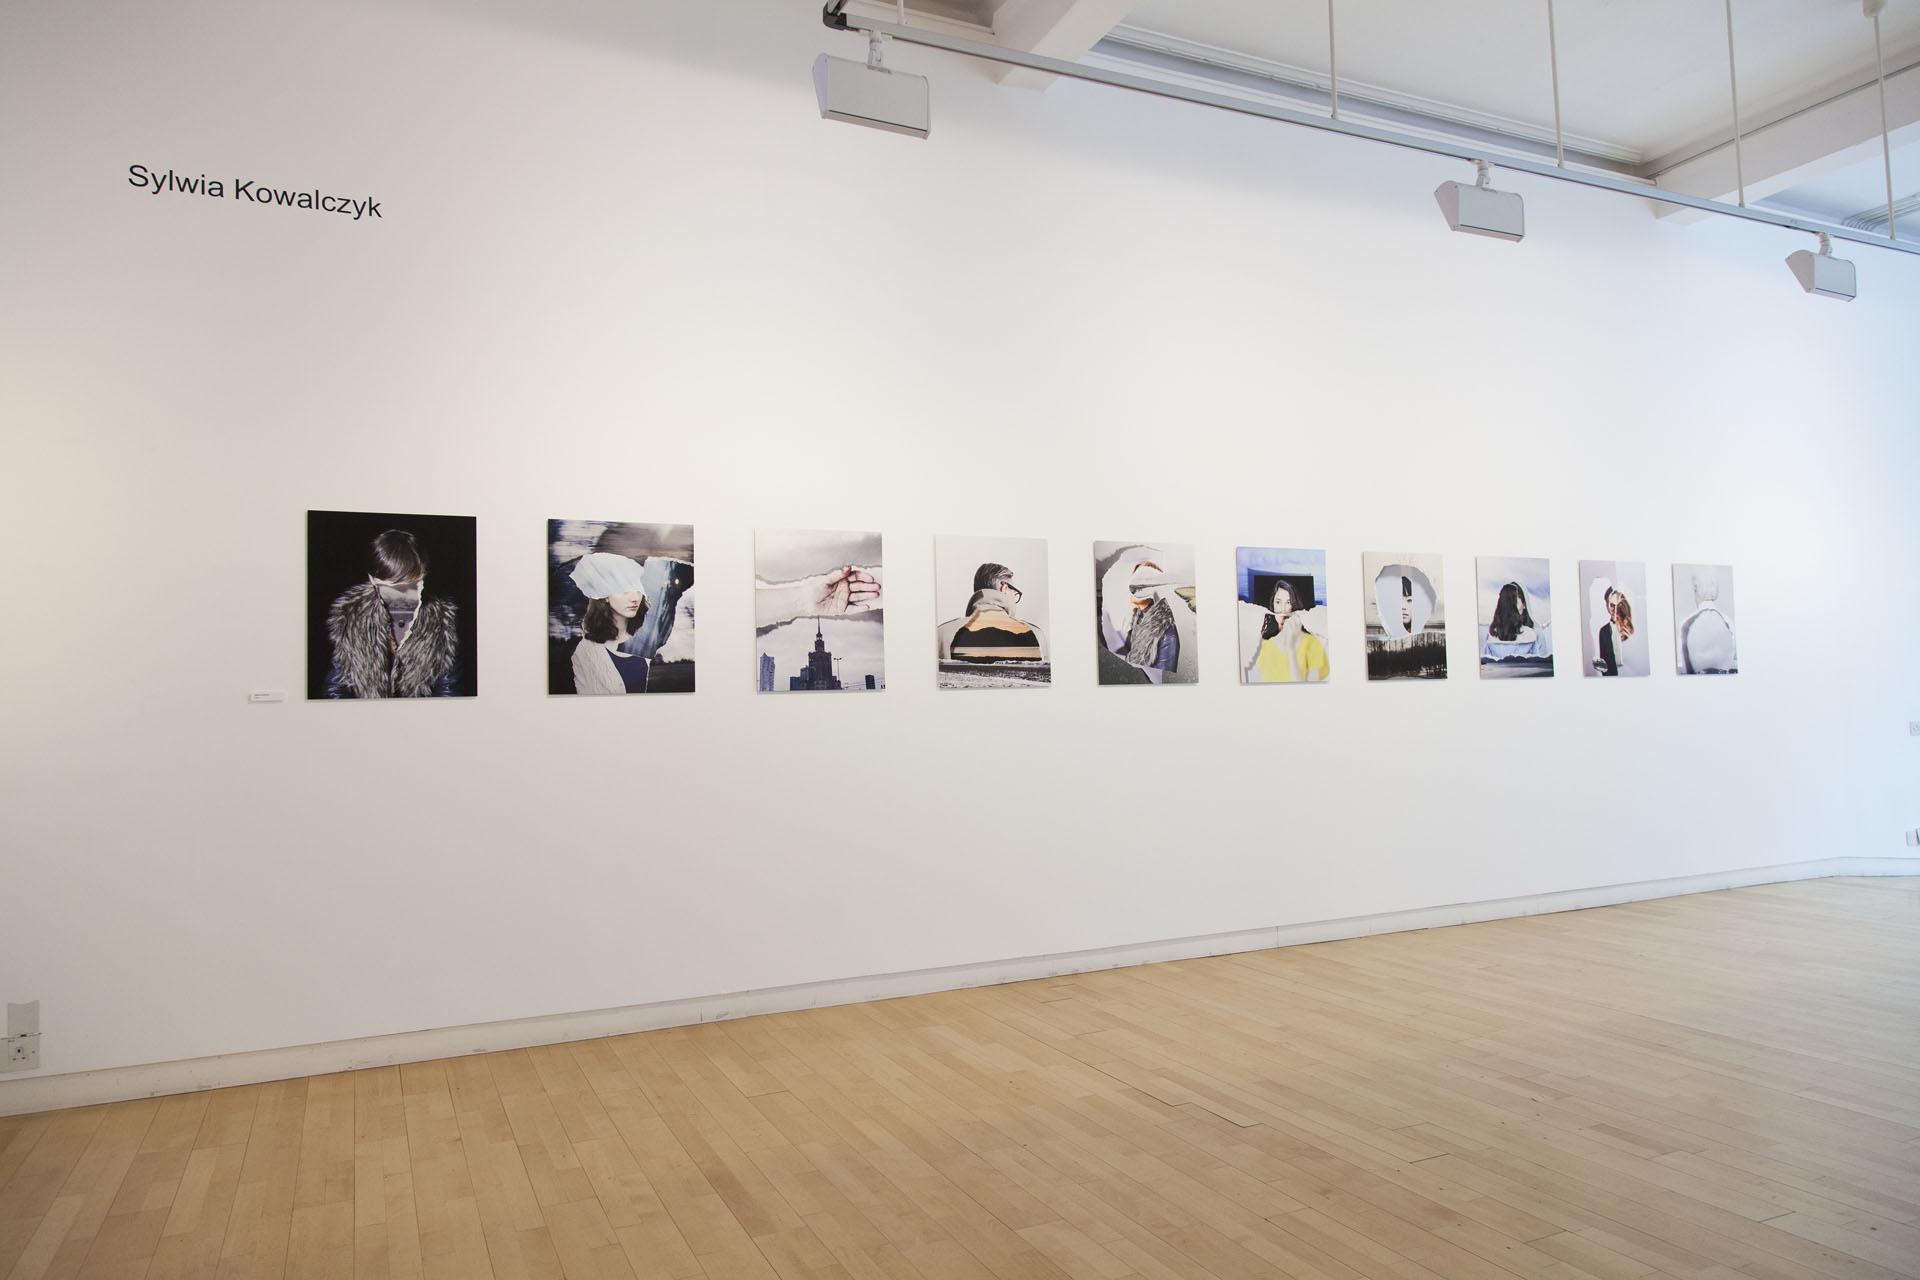 Installation view - Sylwia Kowalczyk